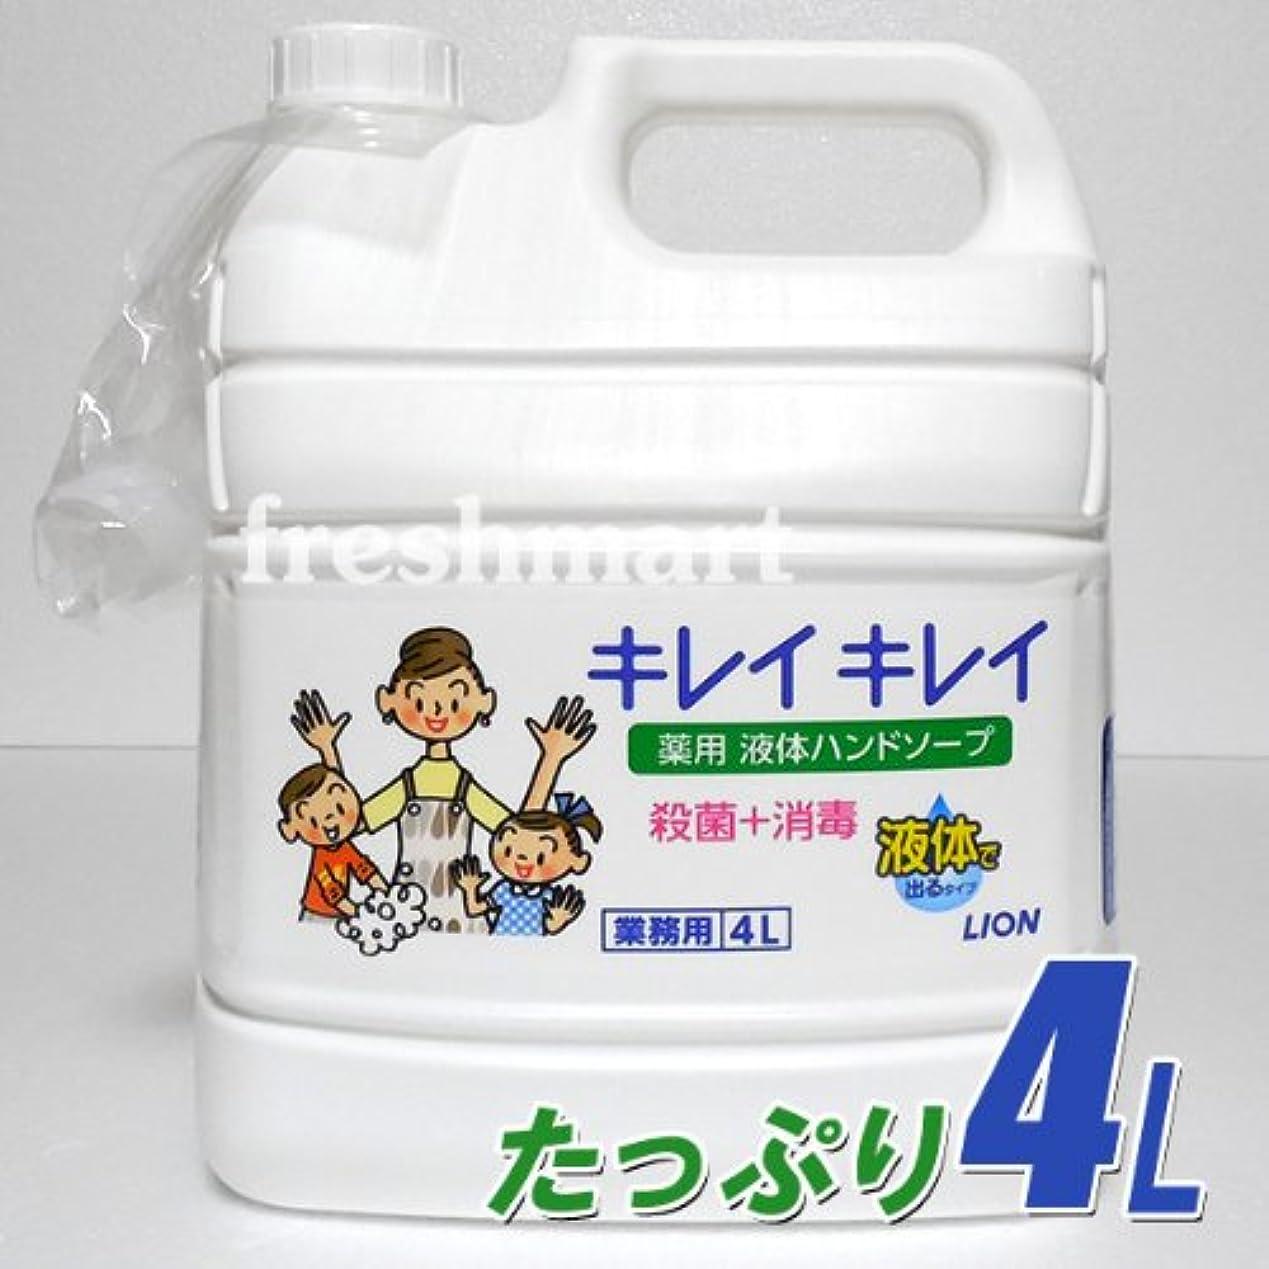 ペレグリネーション縮れた私達☆100%植物性洗浄成分使用☆ ライオン キレイキレイ 薬用液体ハンドソープ つめかえ用4L 業務用 大容量 ボトル